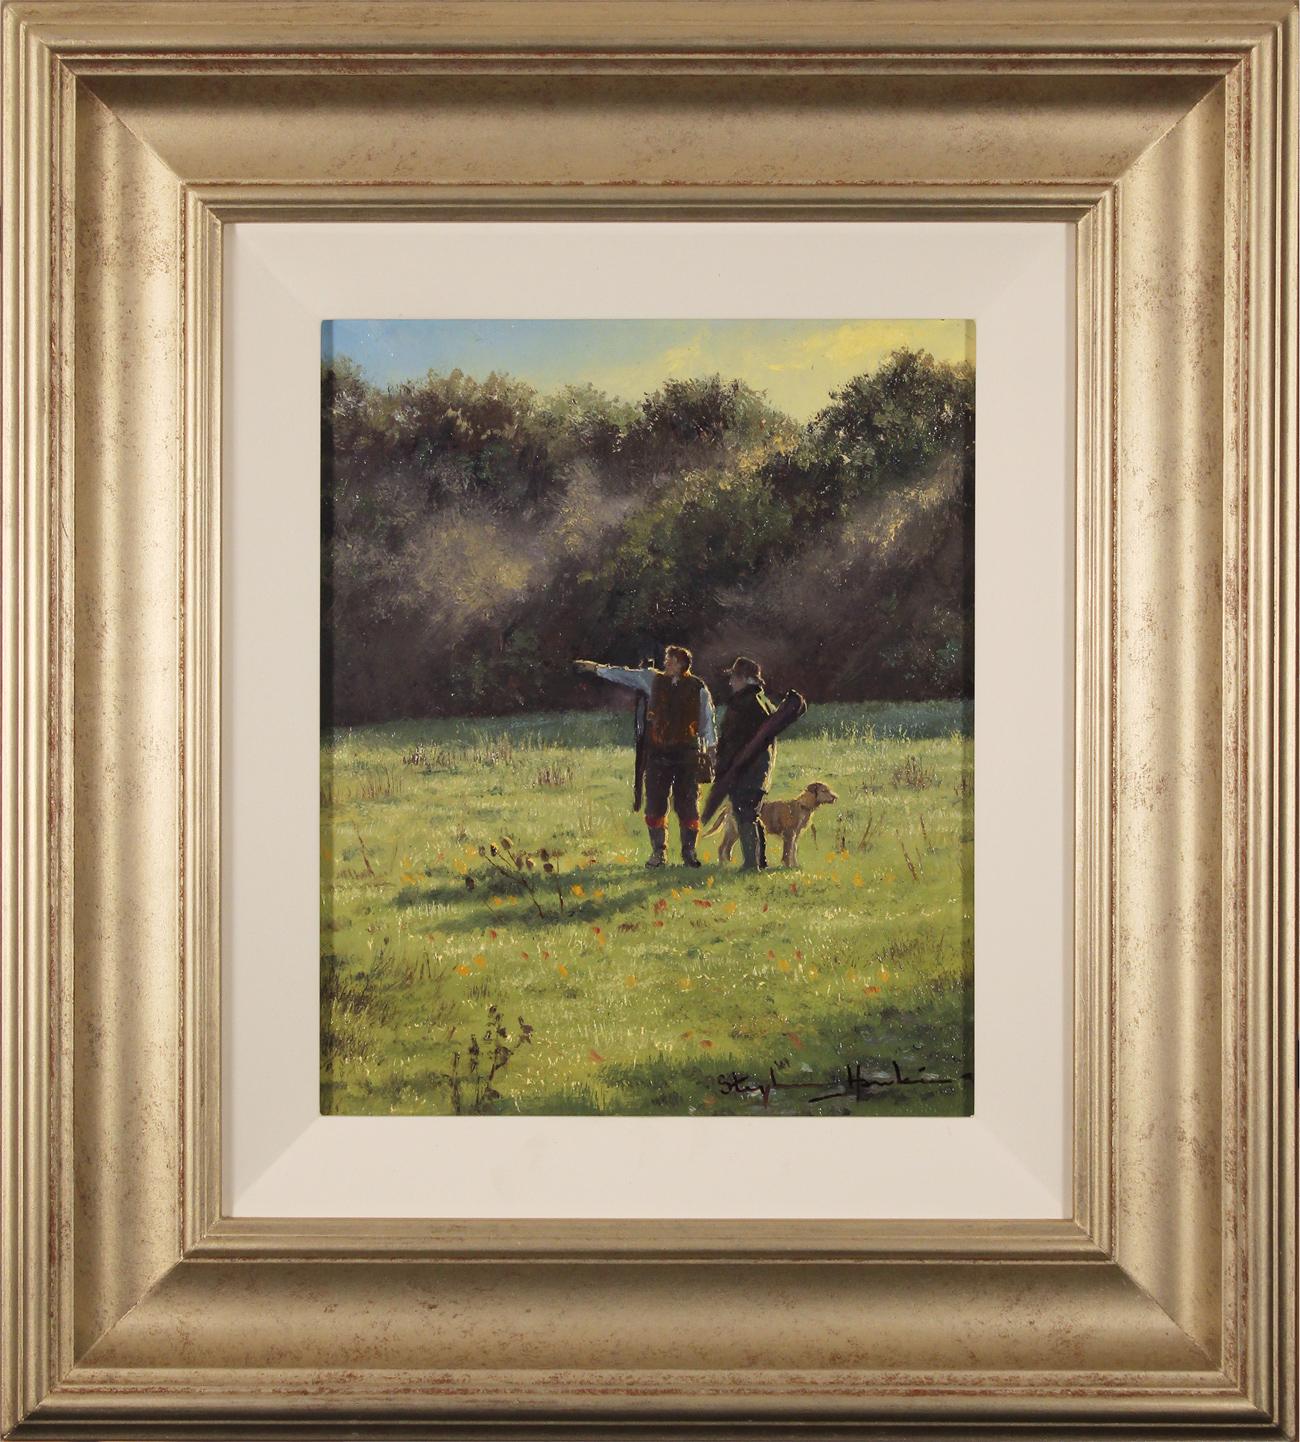 Stephen Hawkins, Original oil painting on panel, The Gamekeepers Click to enlarge